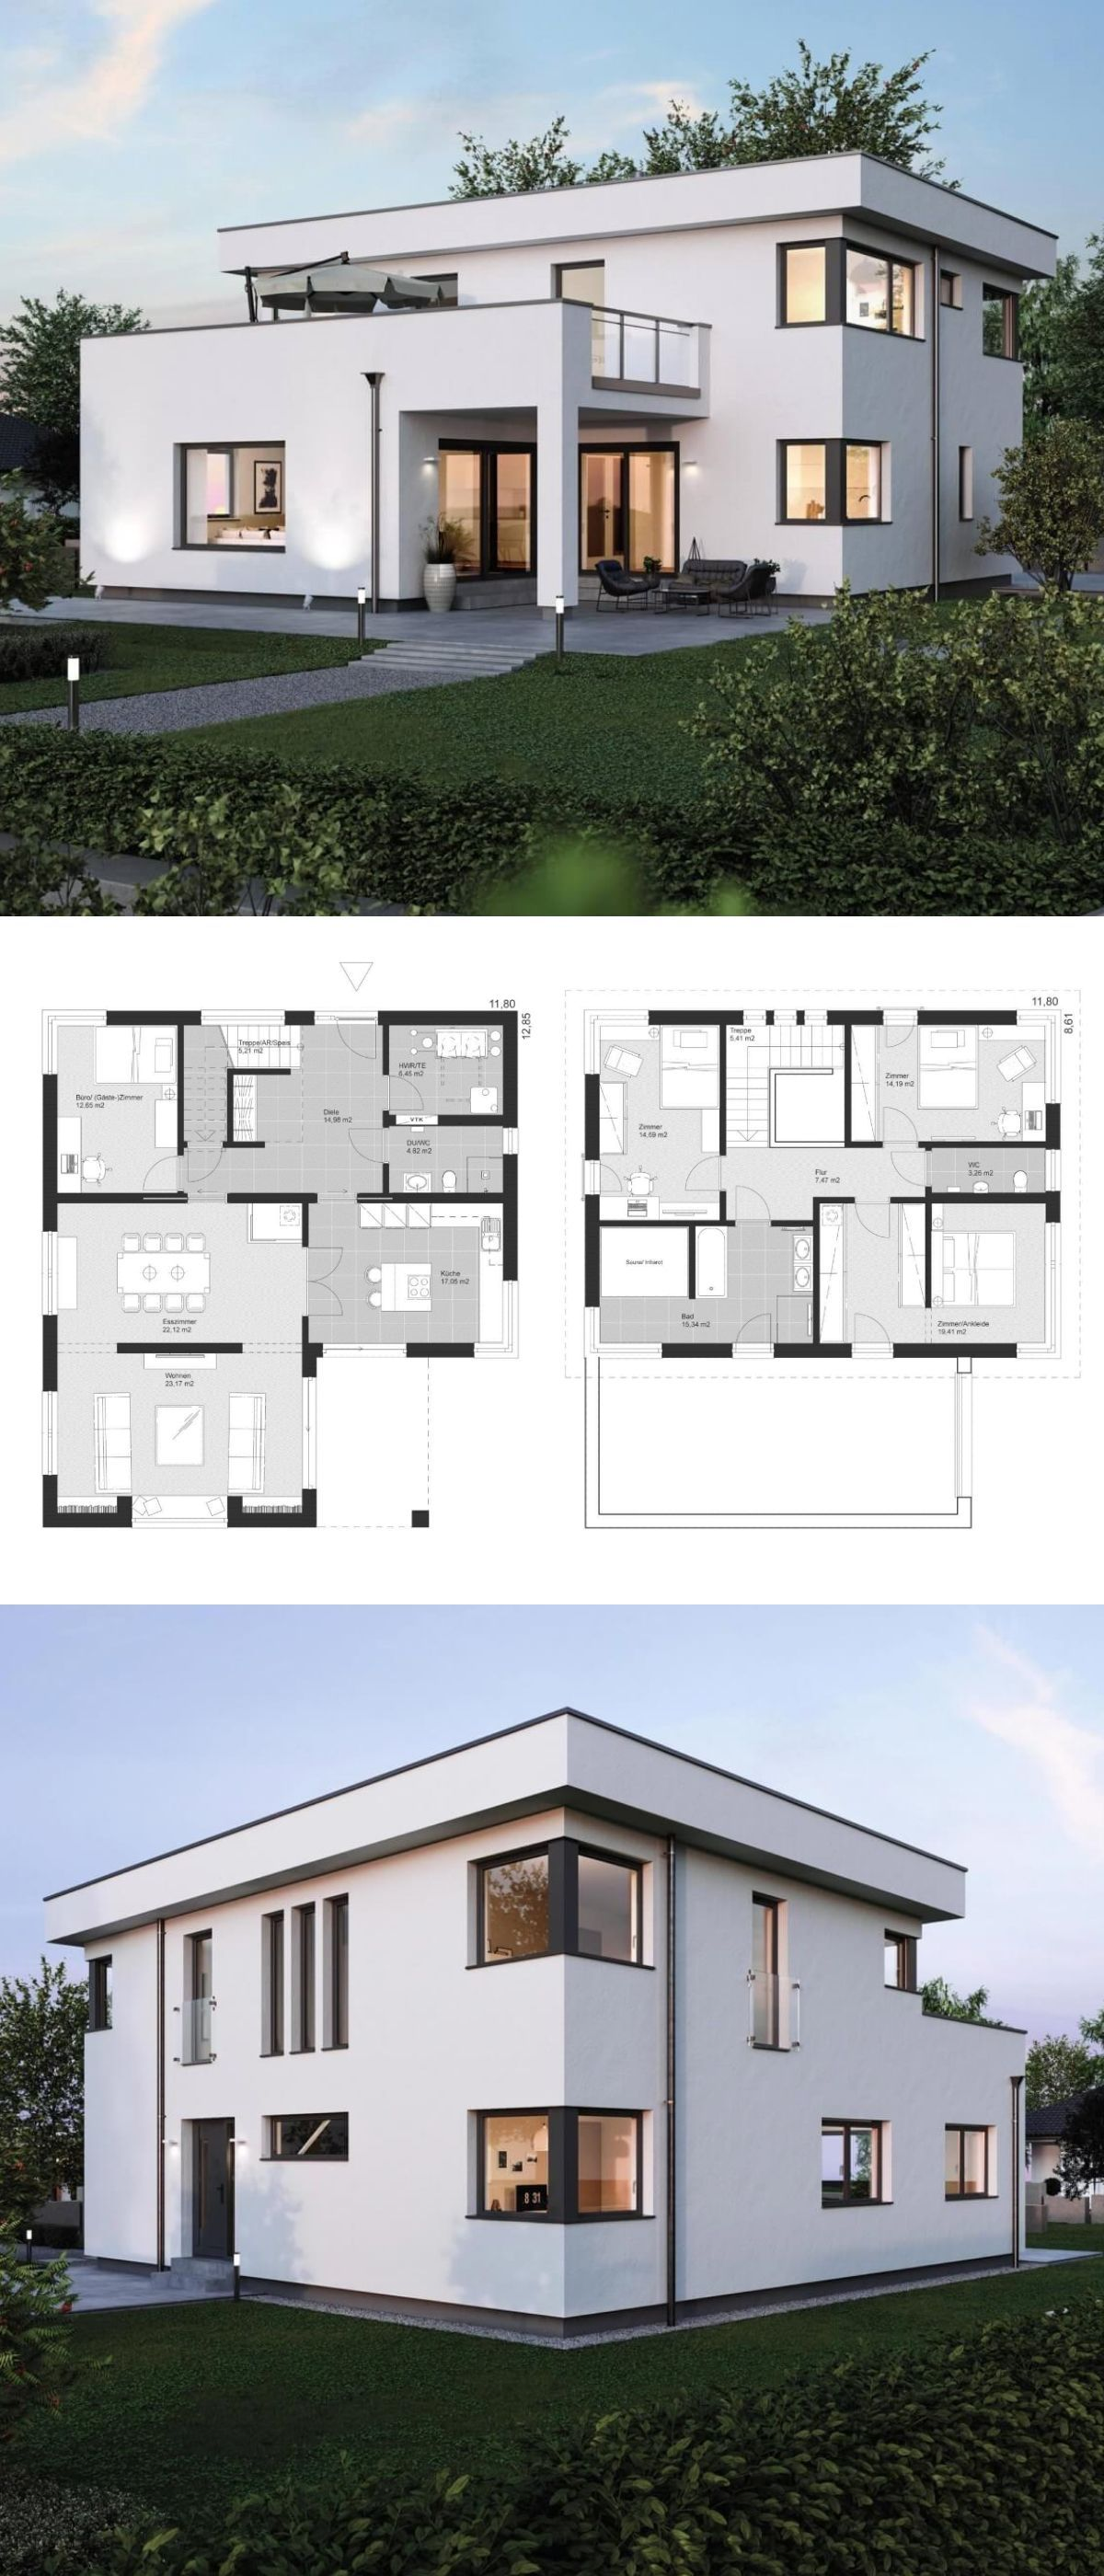 moderne stadtvilla grundriss mit flachdach architektur anbau im bauhausstil einfamilienhaus. Black Bedroom Furniture Sets. Home Design Ideas